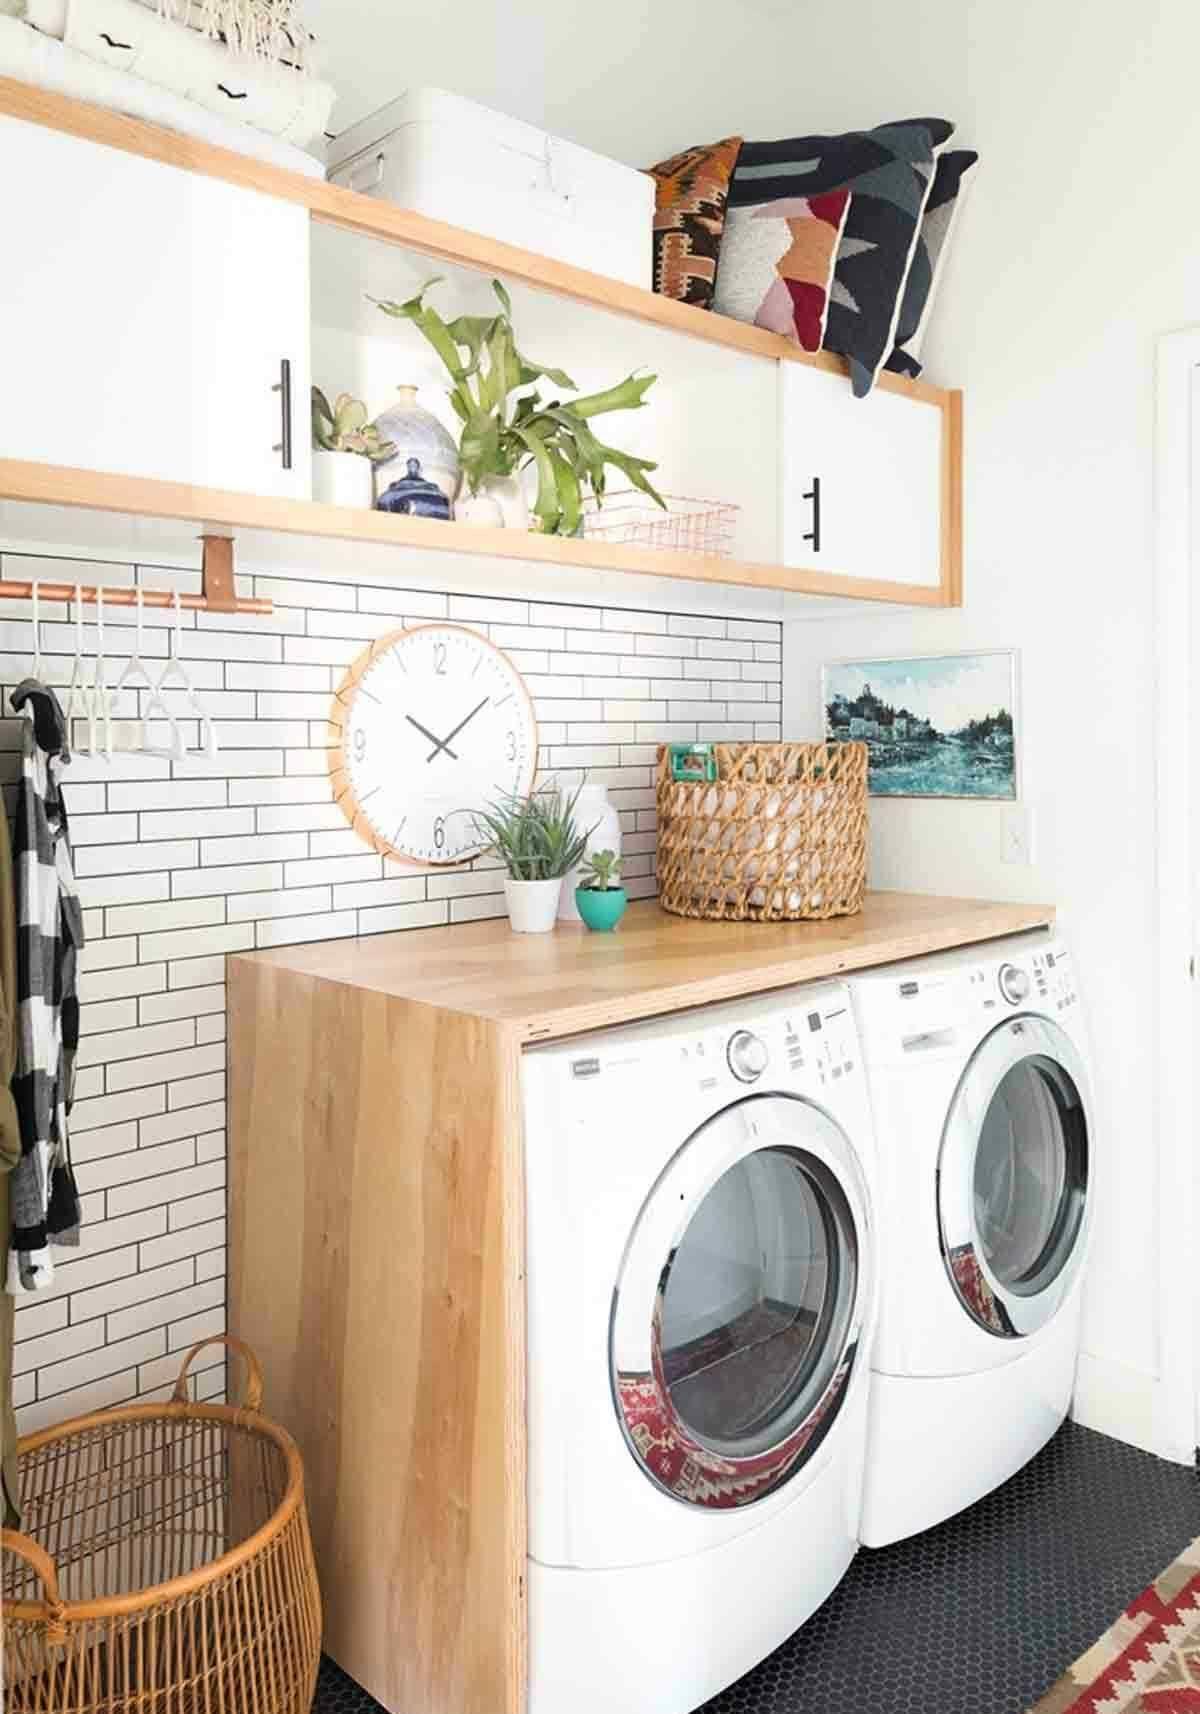 Einen Hauswirtschaftsraum einrichten können Sie mit diesen Tipps & Ideen